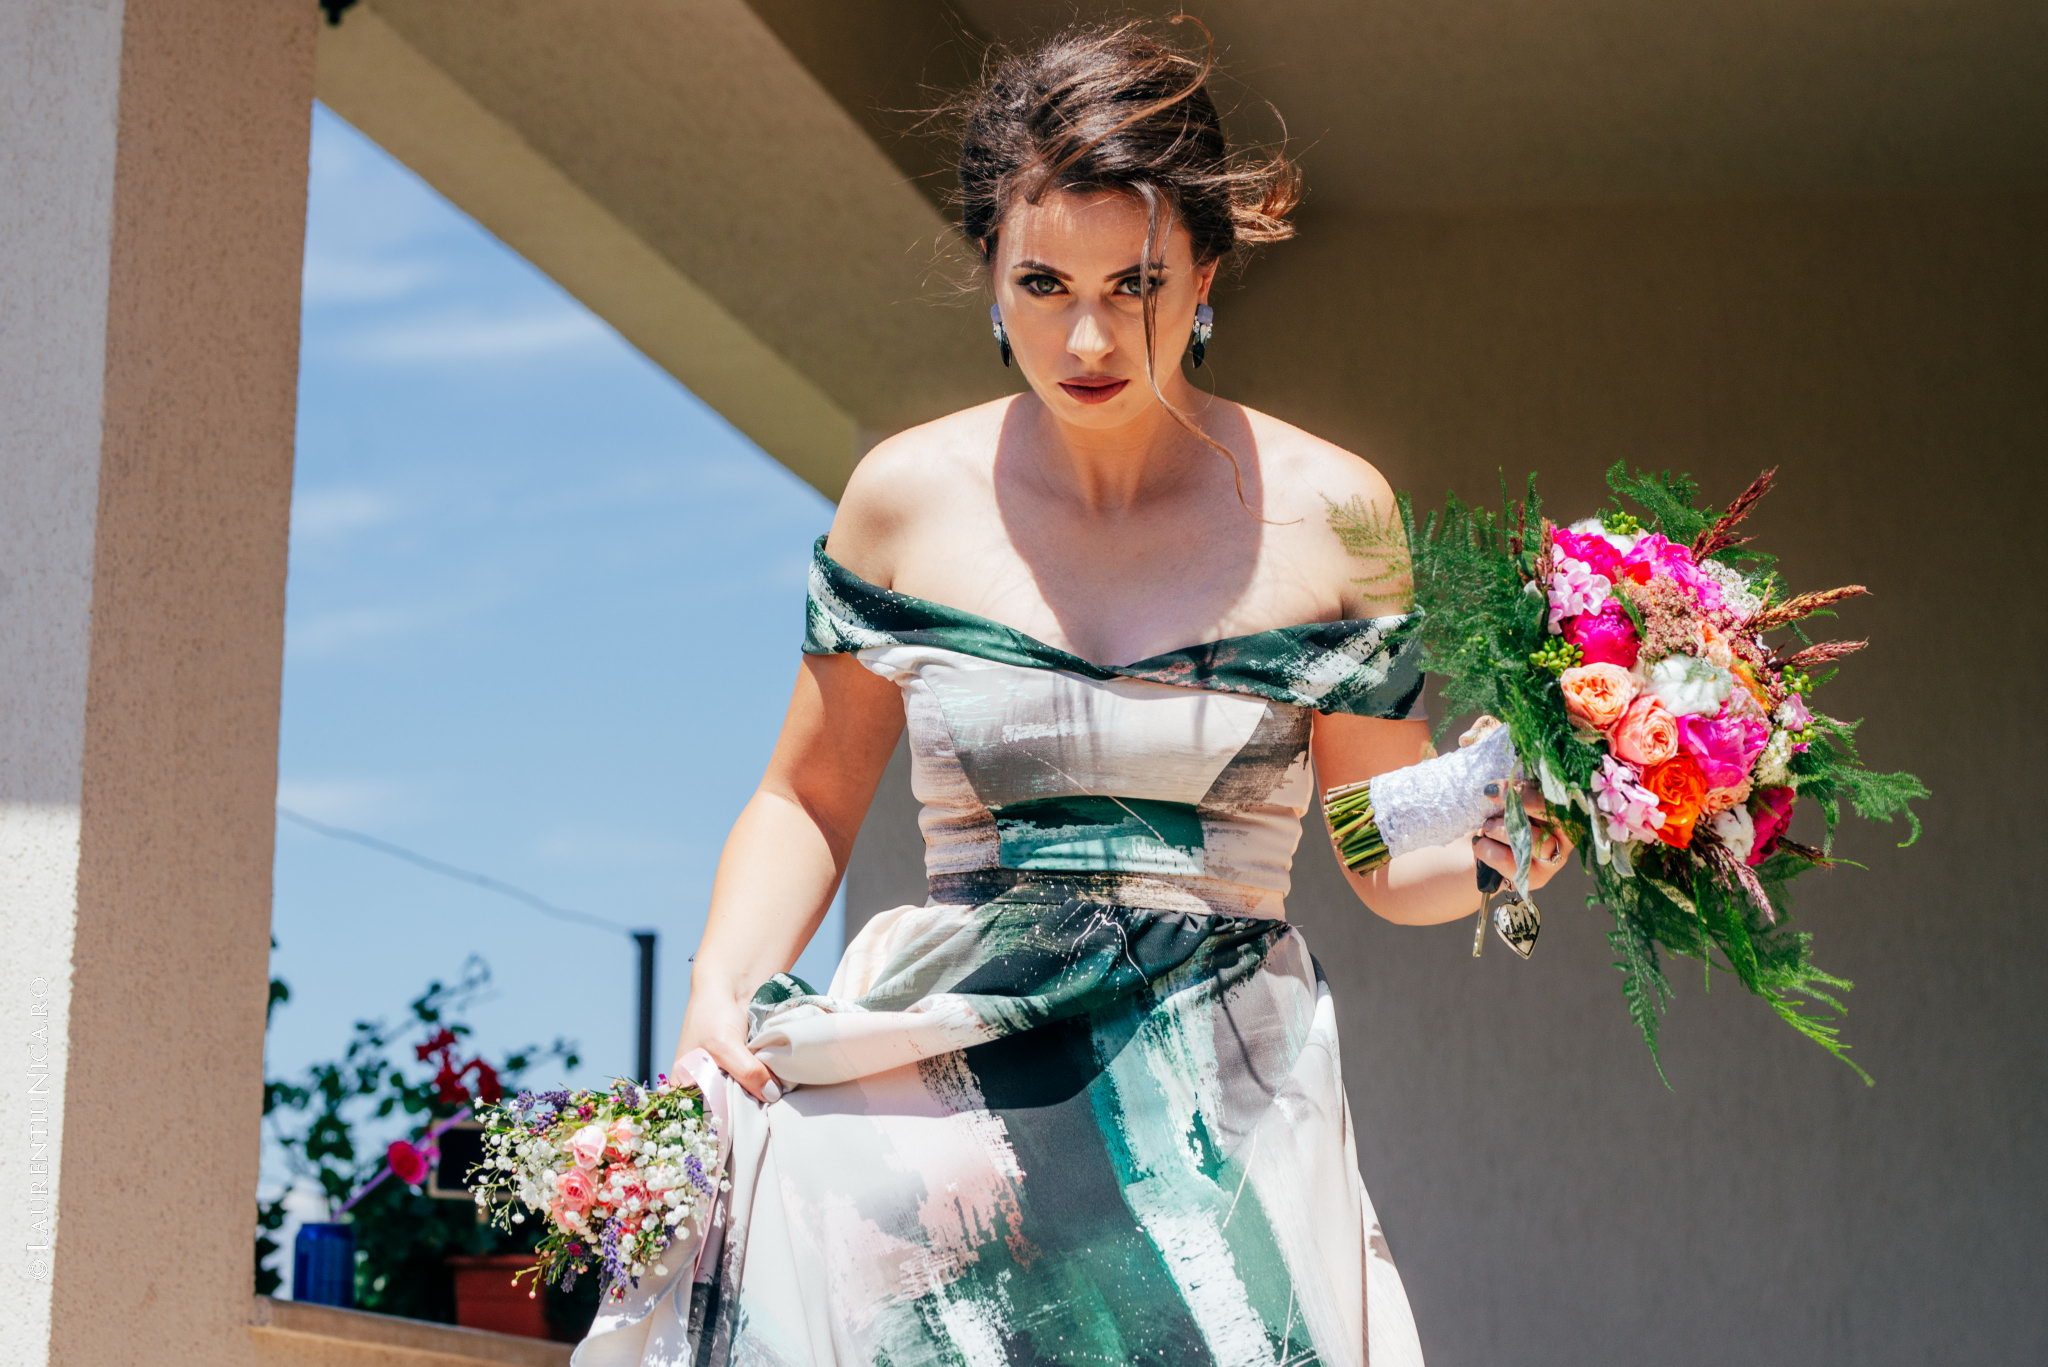 fotografii nunta denisa si florin craiova 48 - Denisa & Florin | Fotografii nunta | Craiova